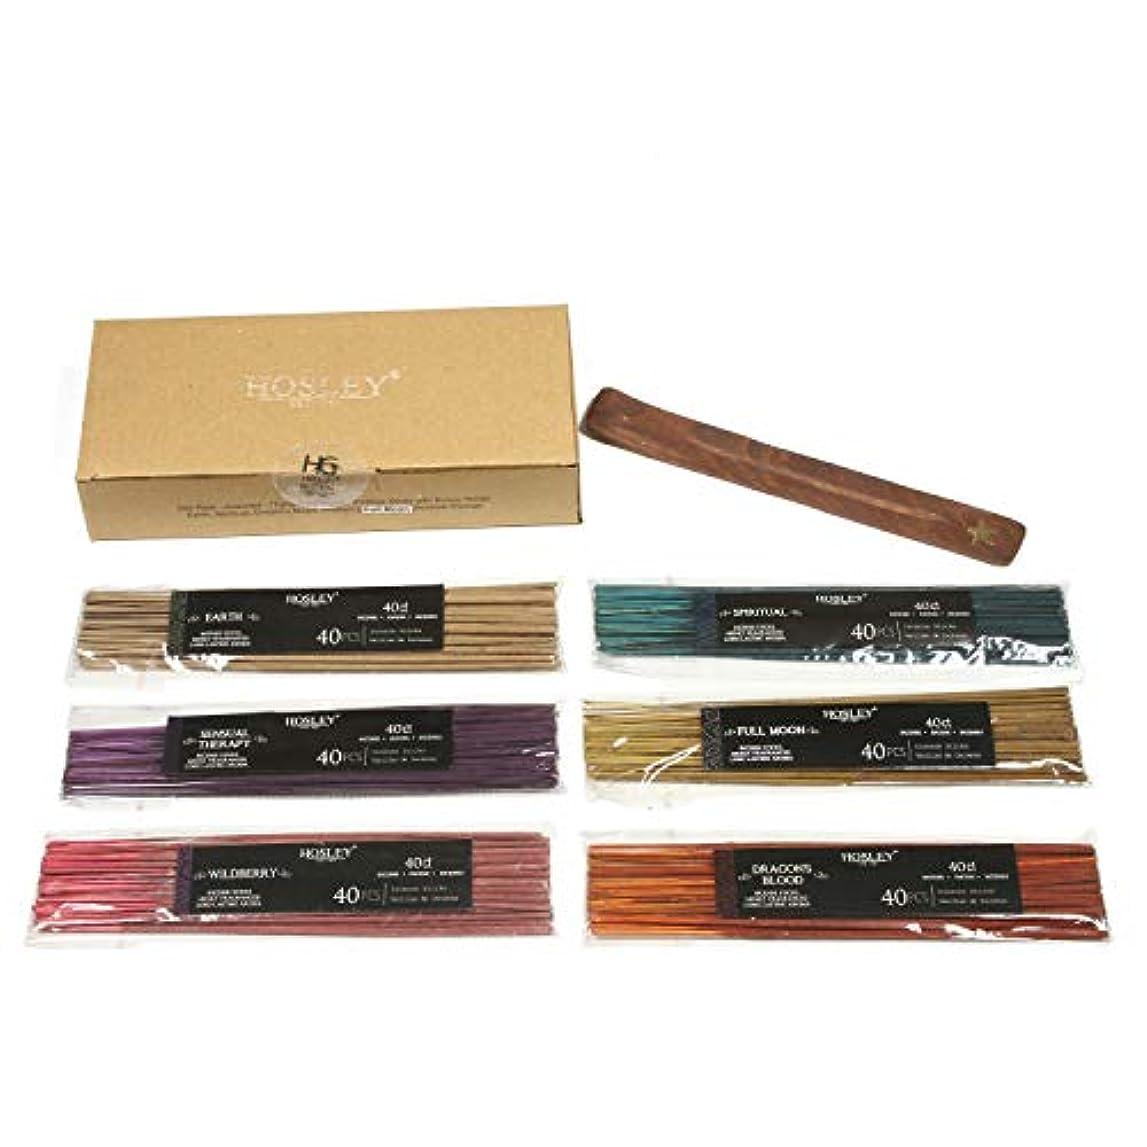 逃れる壊す名誉あるAromatherapy Hosley's 240 Pack Assorted Highly Fragranced Incense Sticks - Dragon's Blood, Earth, Full Moon, Sensual...